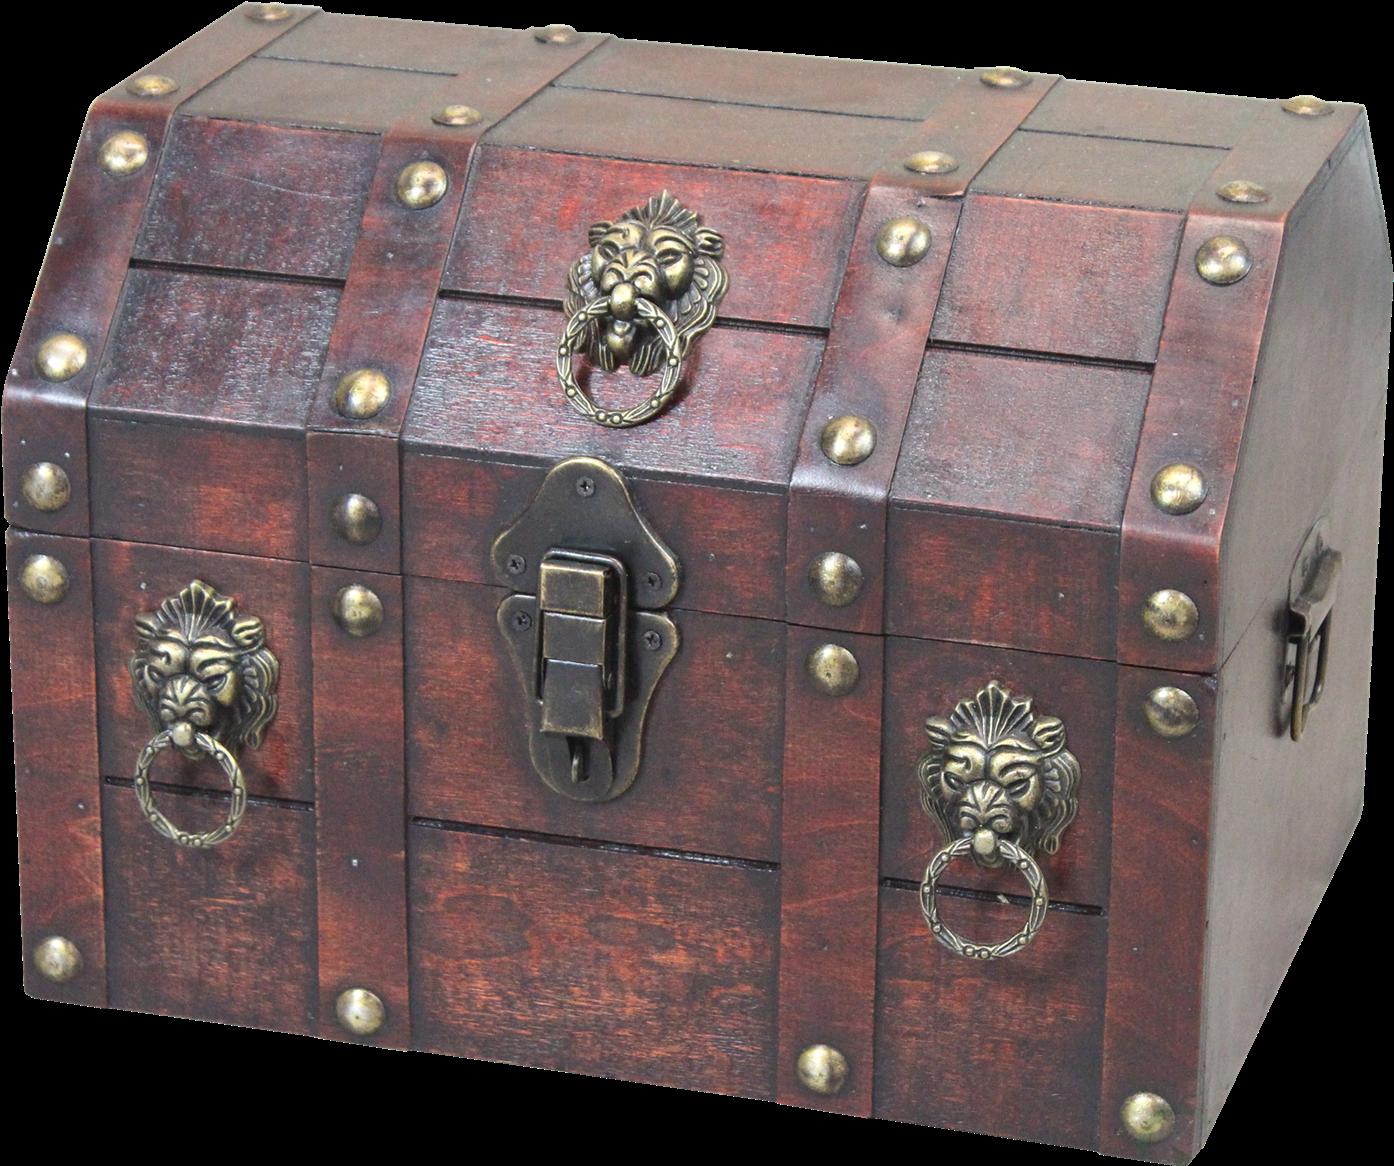 Transparent treasure chest clipart - Treasure Chest Png Clipart - Pirate Treasure Chest